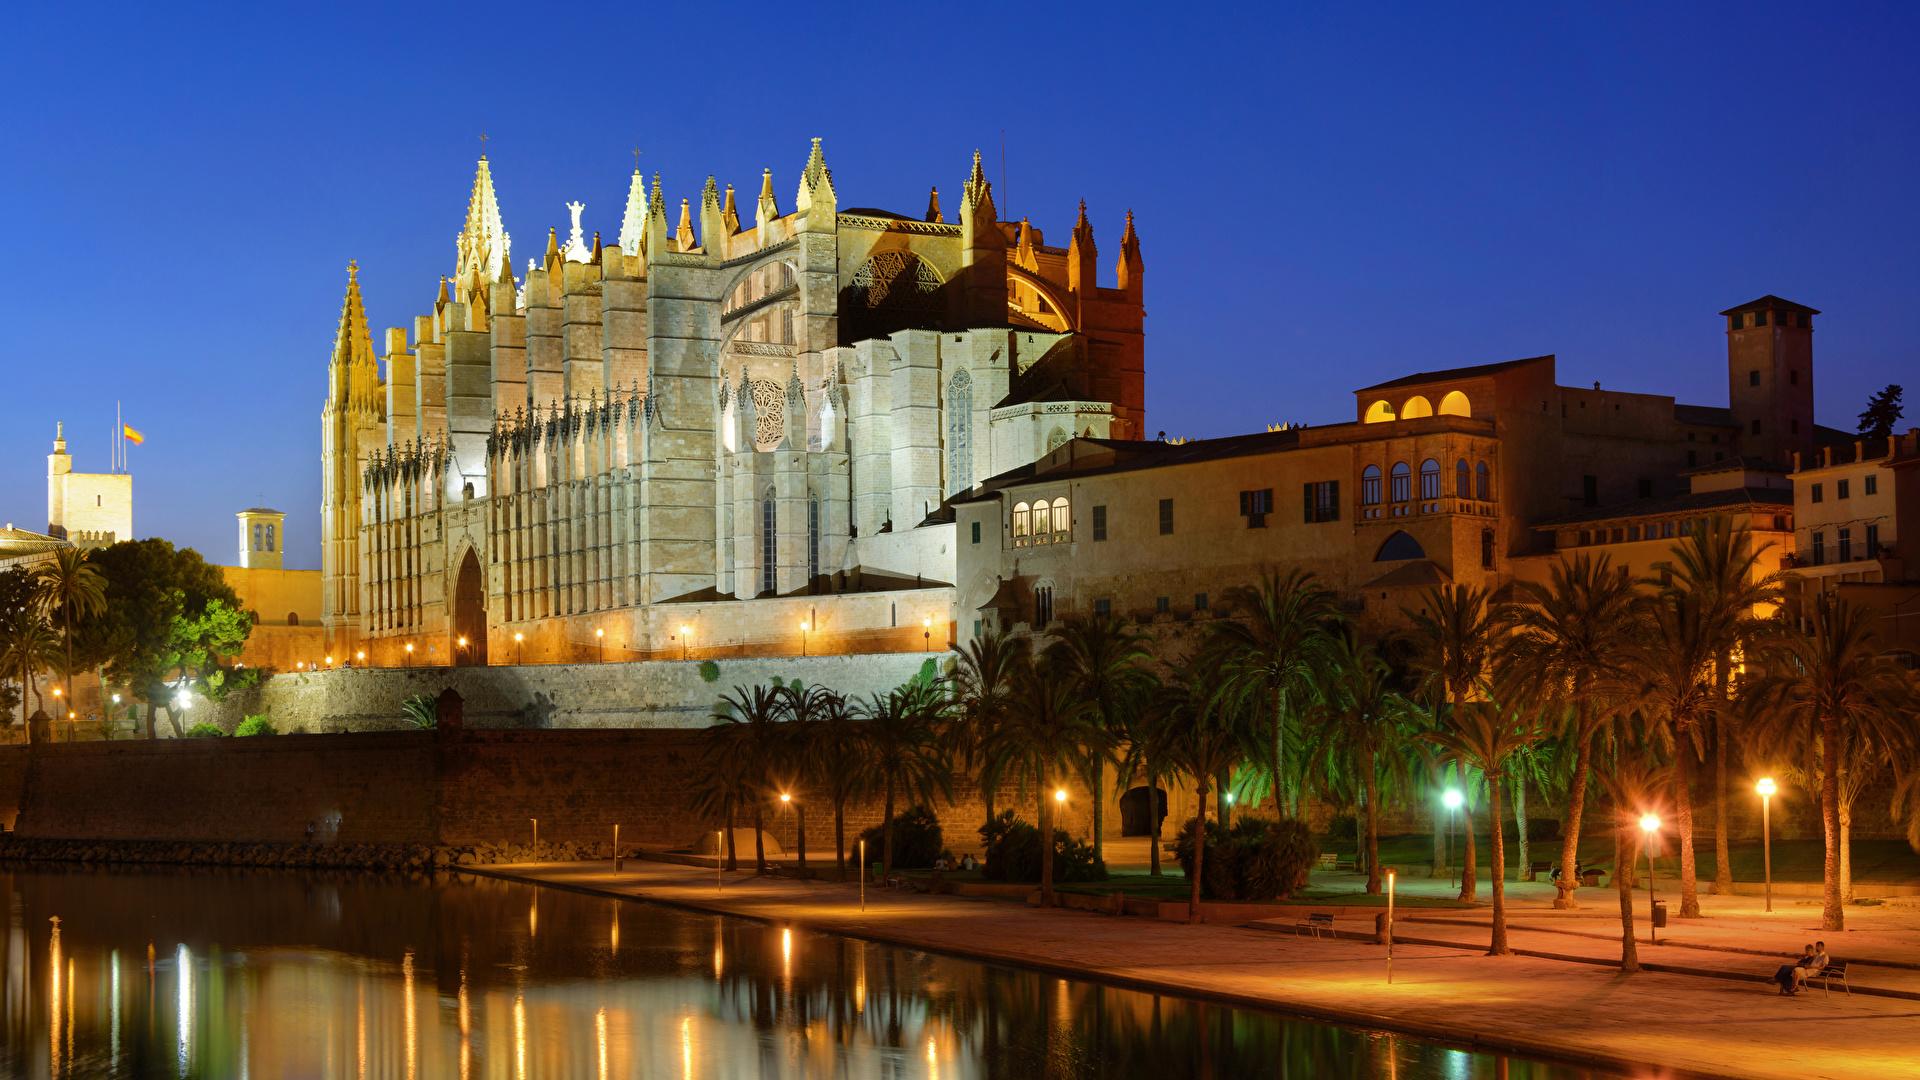 Wallpaper Majorca Mallorca Palace Spain Palma de Mallorca 1920x1080 1920x1080